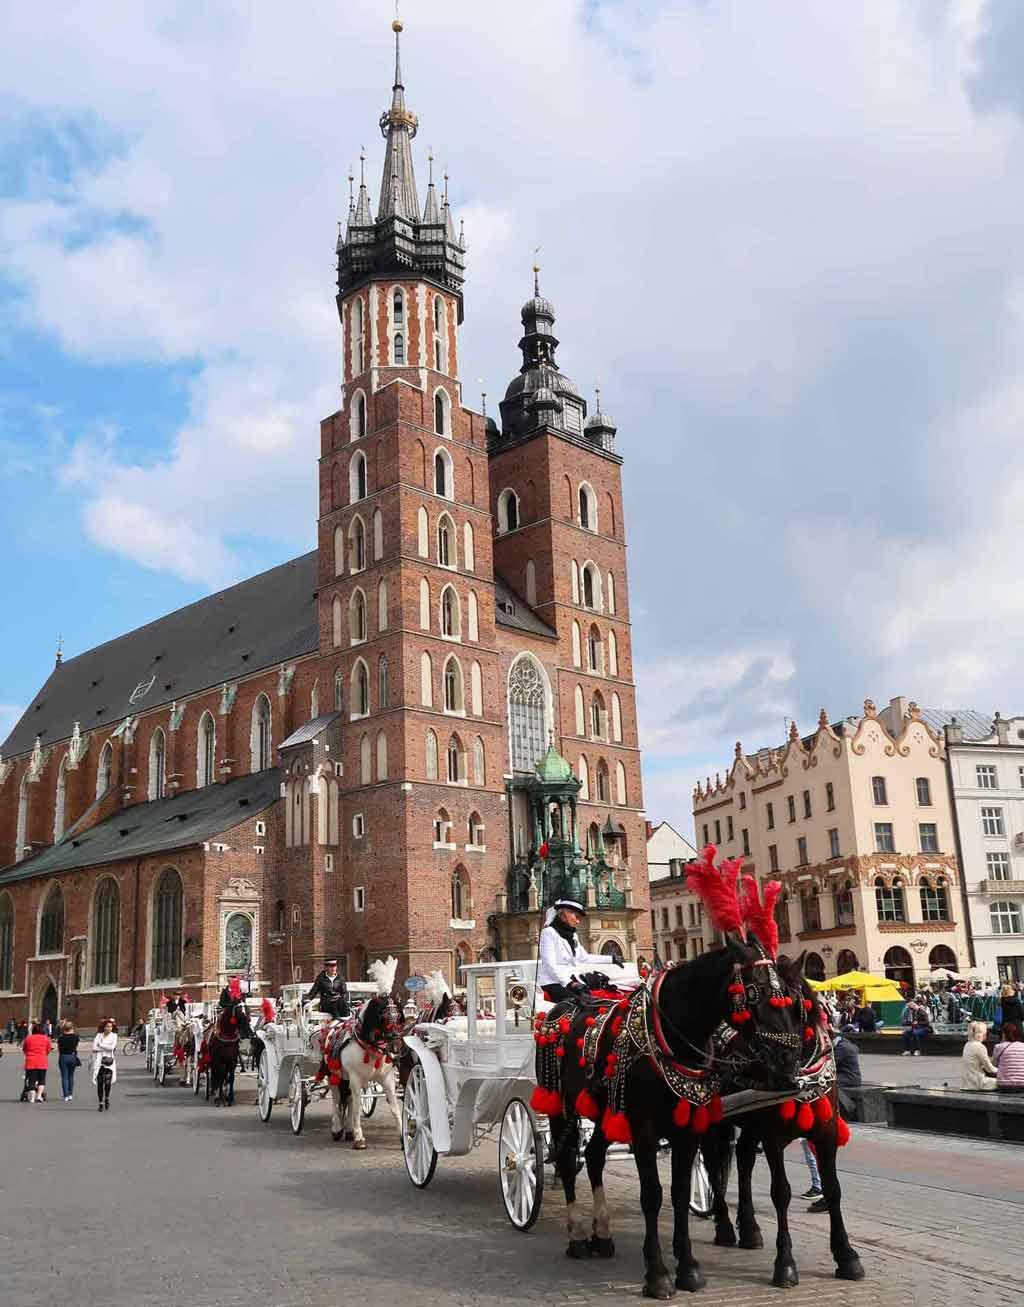 In der Krakauer Altstadt fahren Pferdekutschen vorbei an der Marienkirche, den Tuchhallen und Co. #polen #krakau #tipps #sehenswürdigkeiten